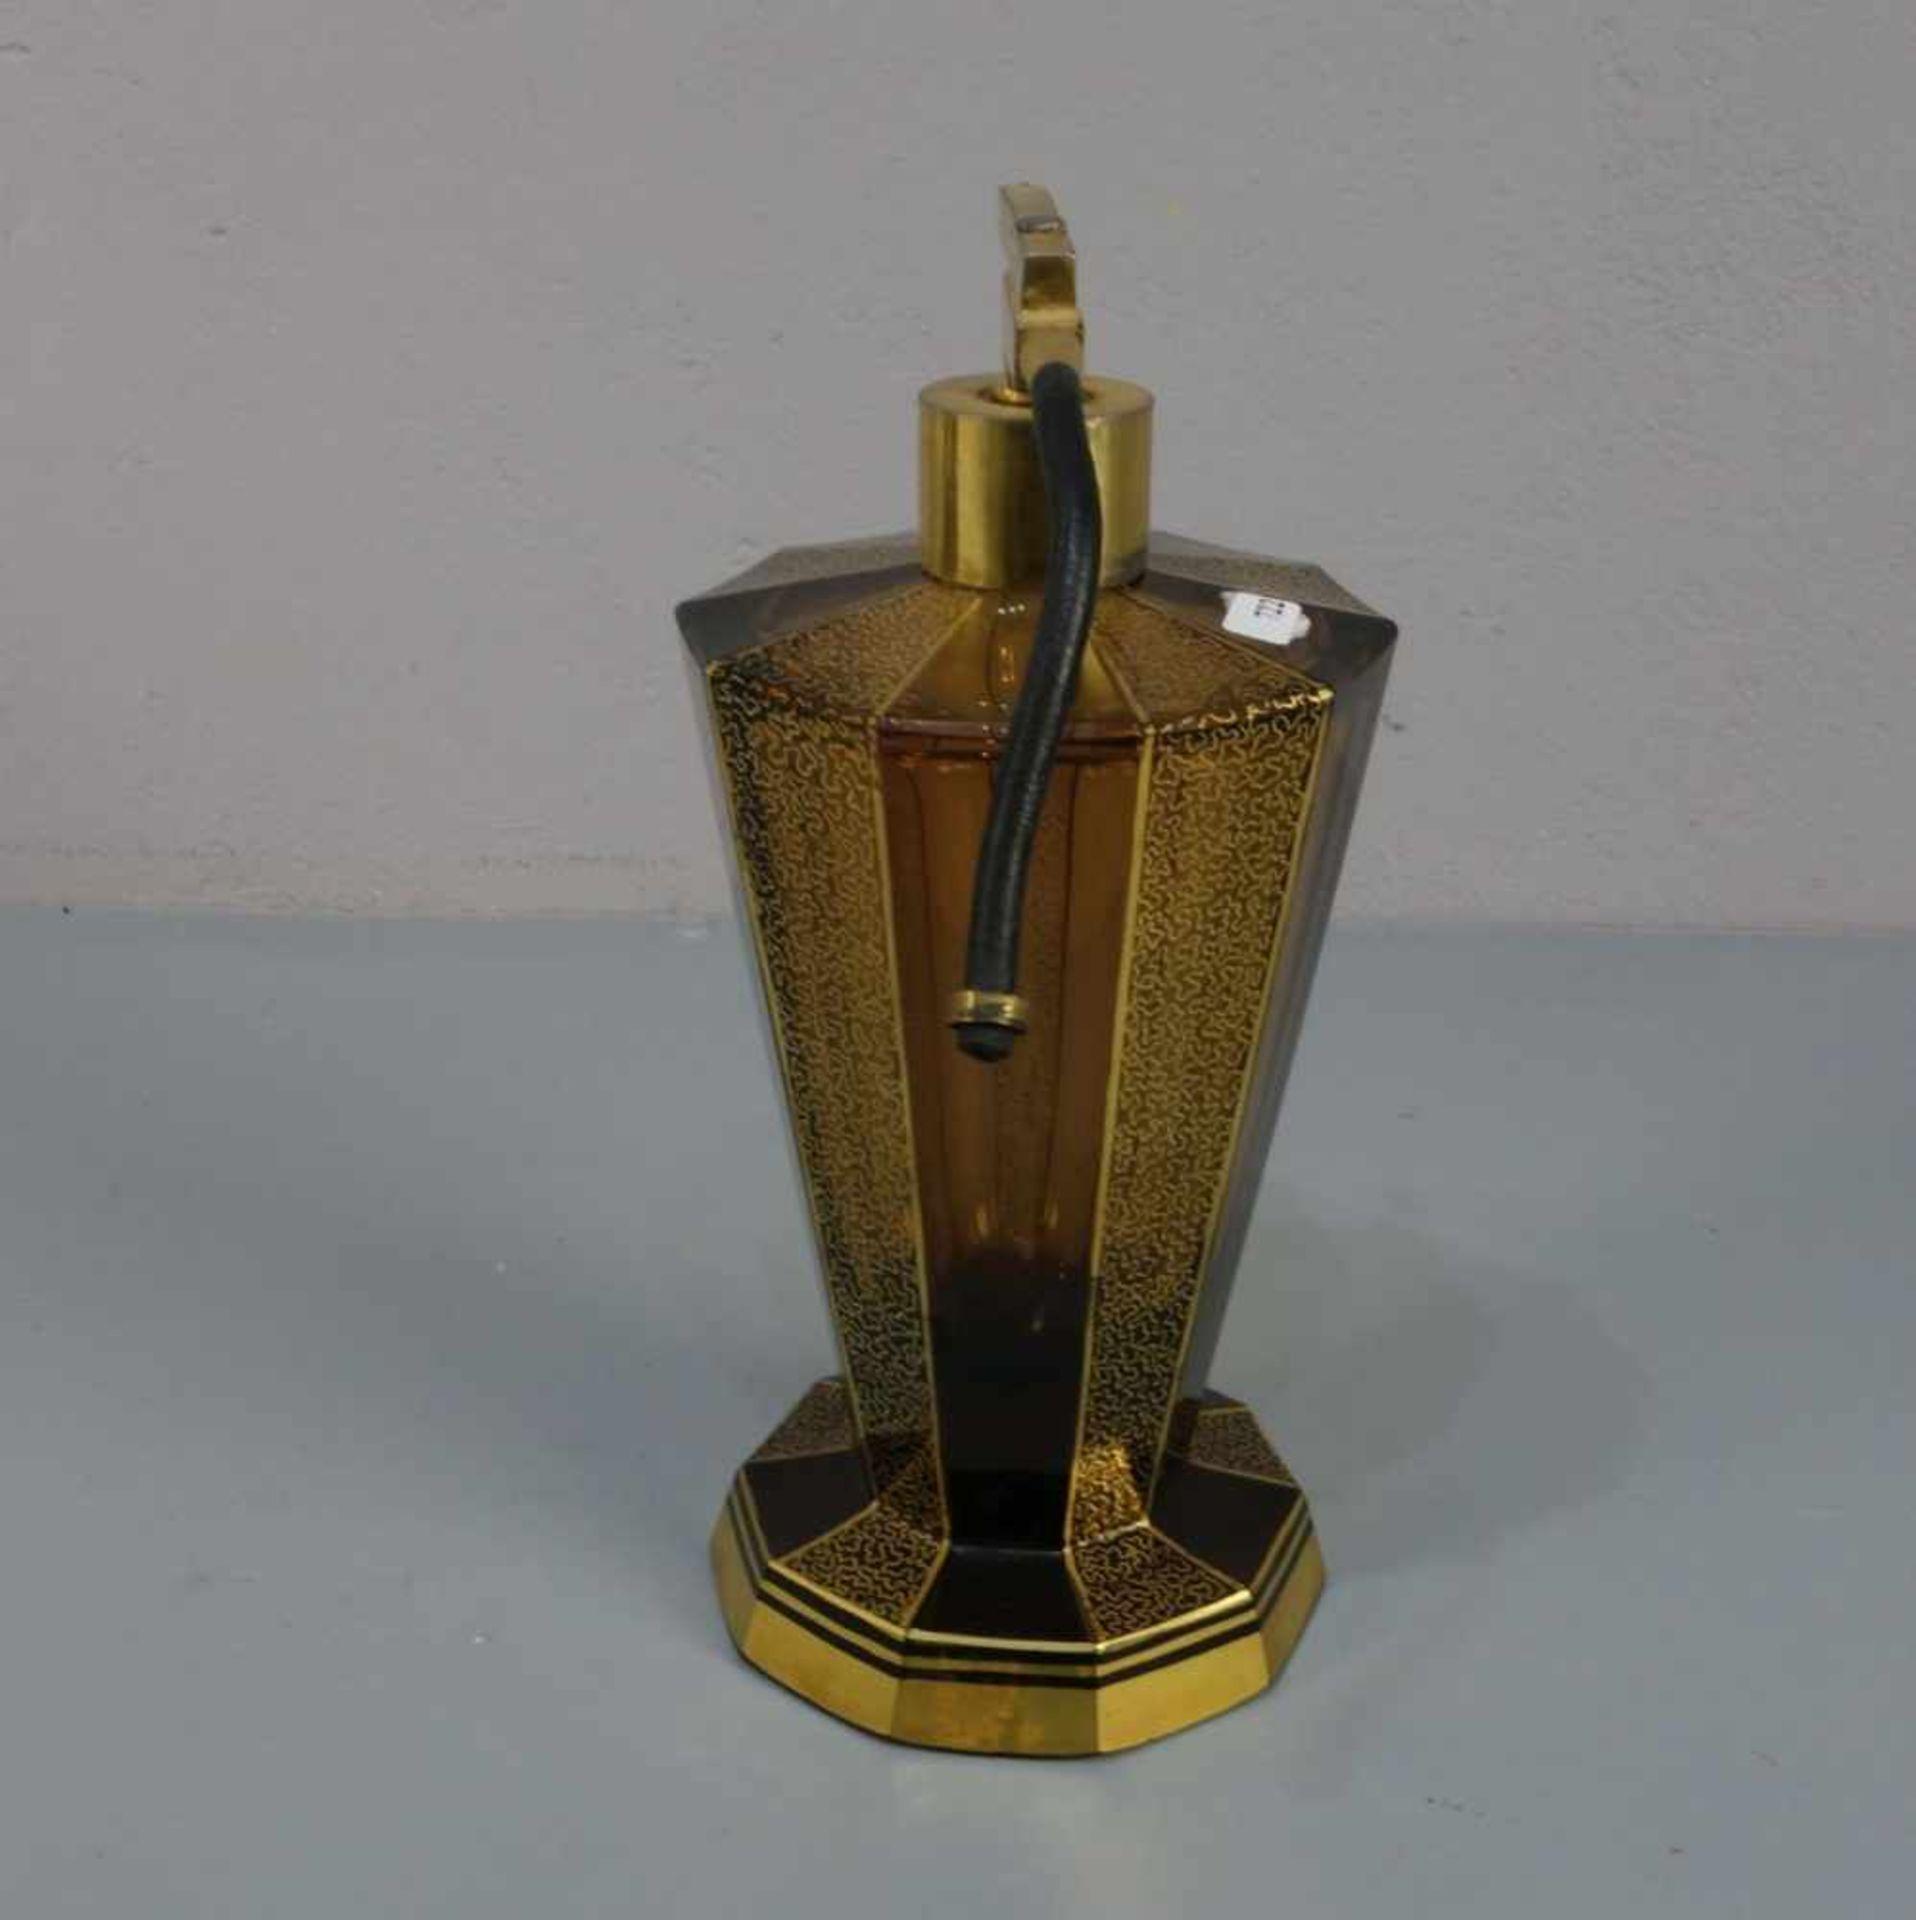 ART DÉCO - FLAKON mit Zerstäuber / flacon, bernsteinfarbenes Glas, wohl Haida, Böhmen, 1930er Jahre. - Bild 2 aus 4